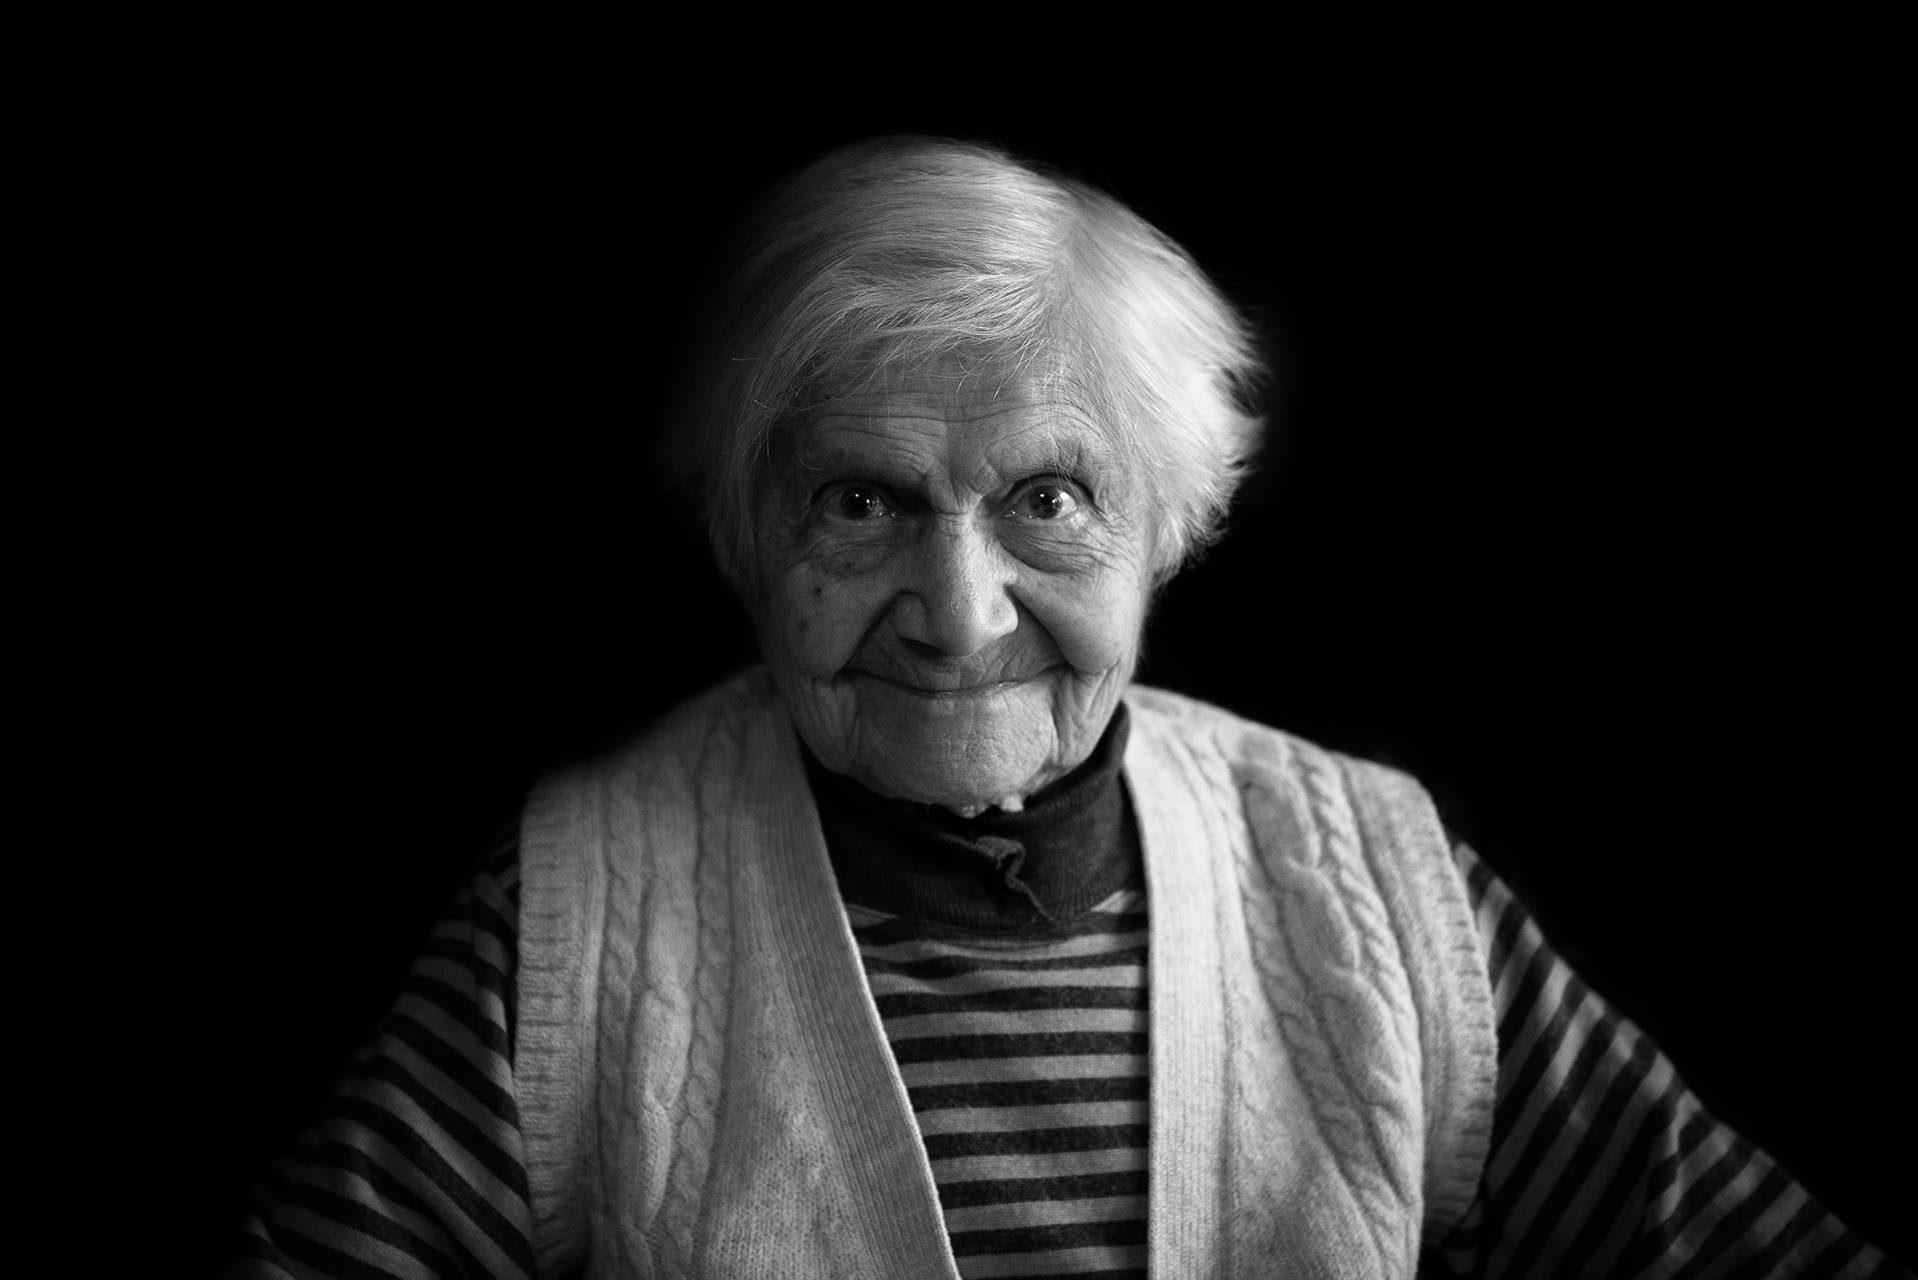 photographe-ile-de-france-projet-centenaires-et-des-roses-val-de-marne-portraits